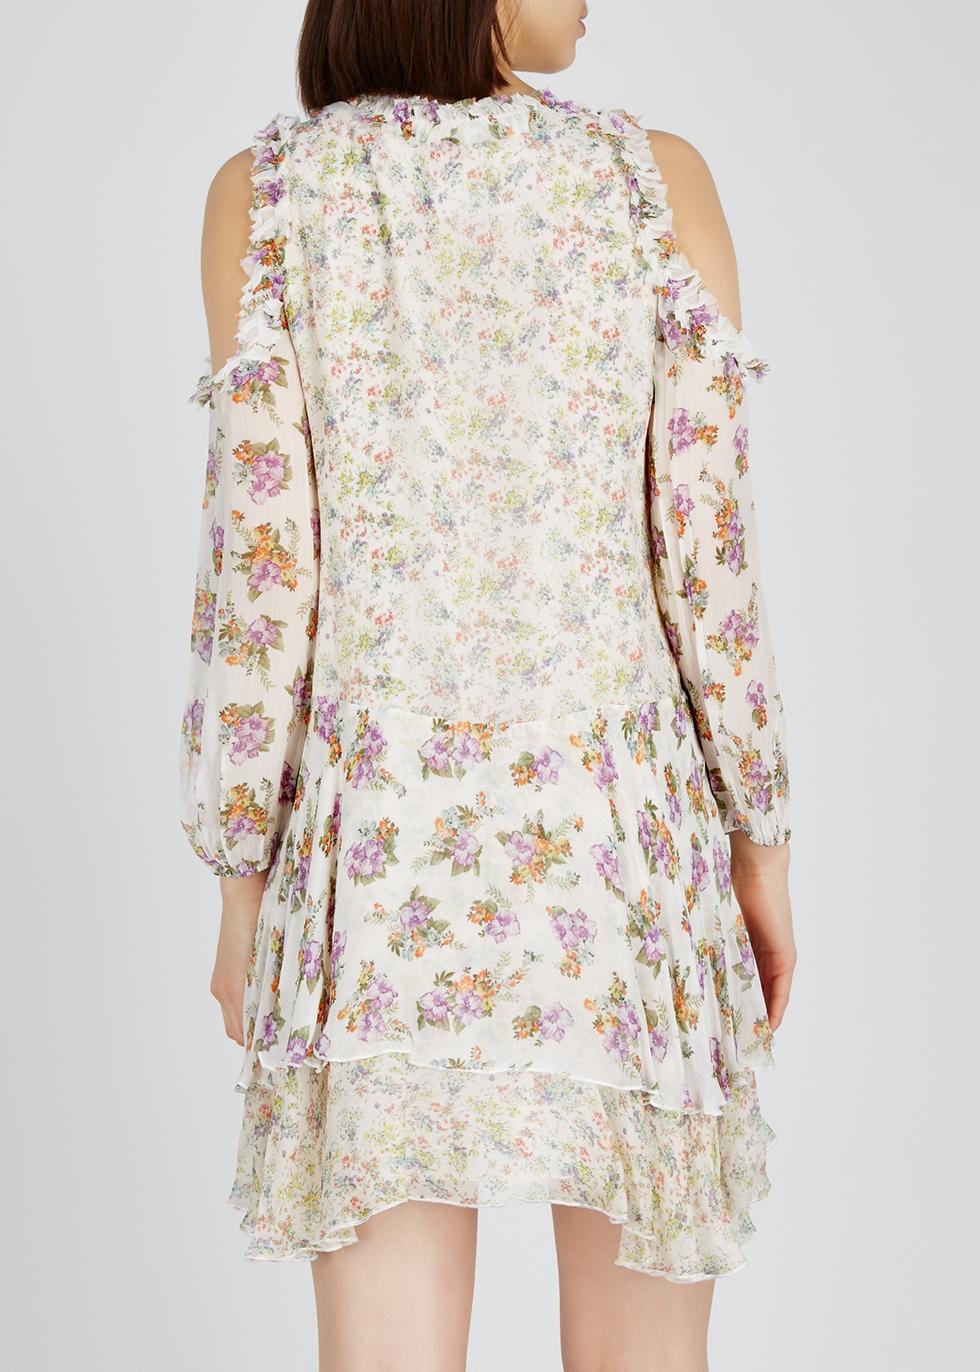 Glynda floral-print chiffon mini dress - Alice + Olivia